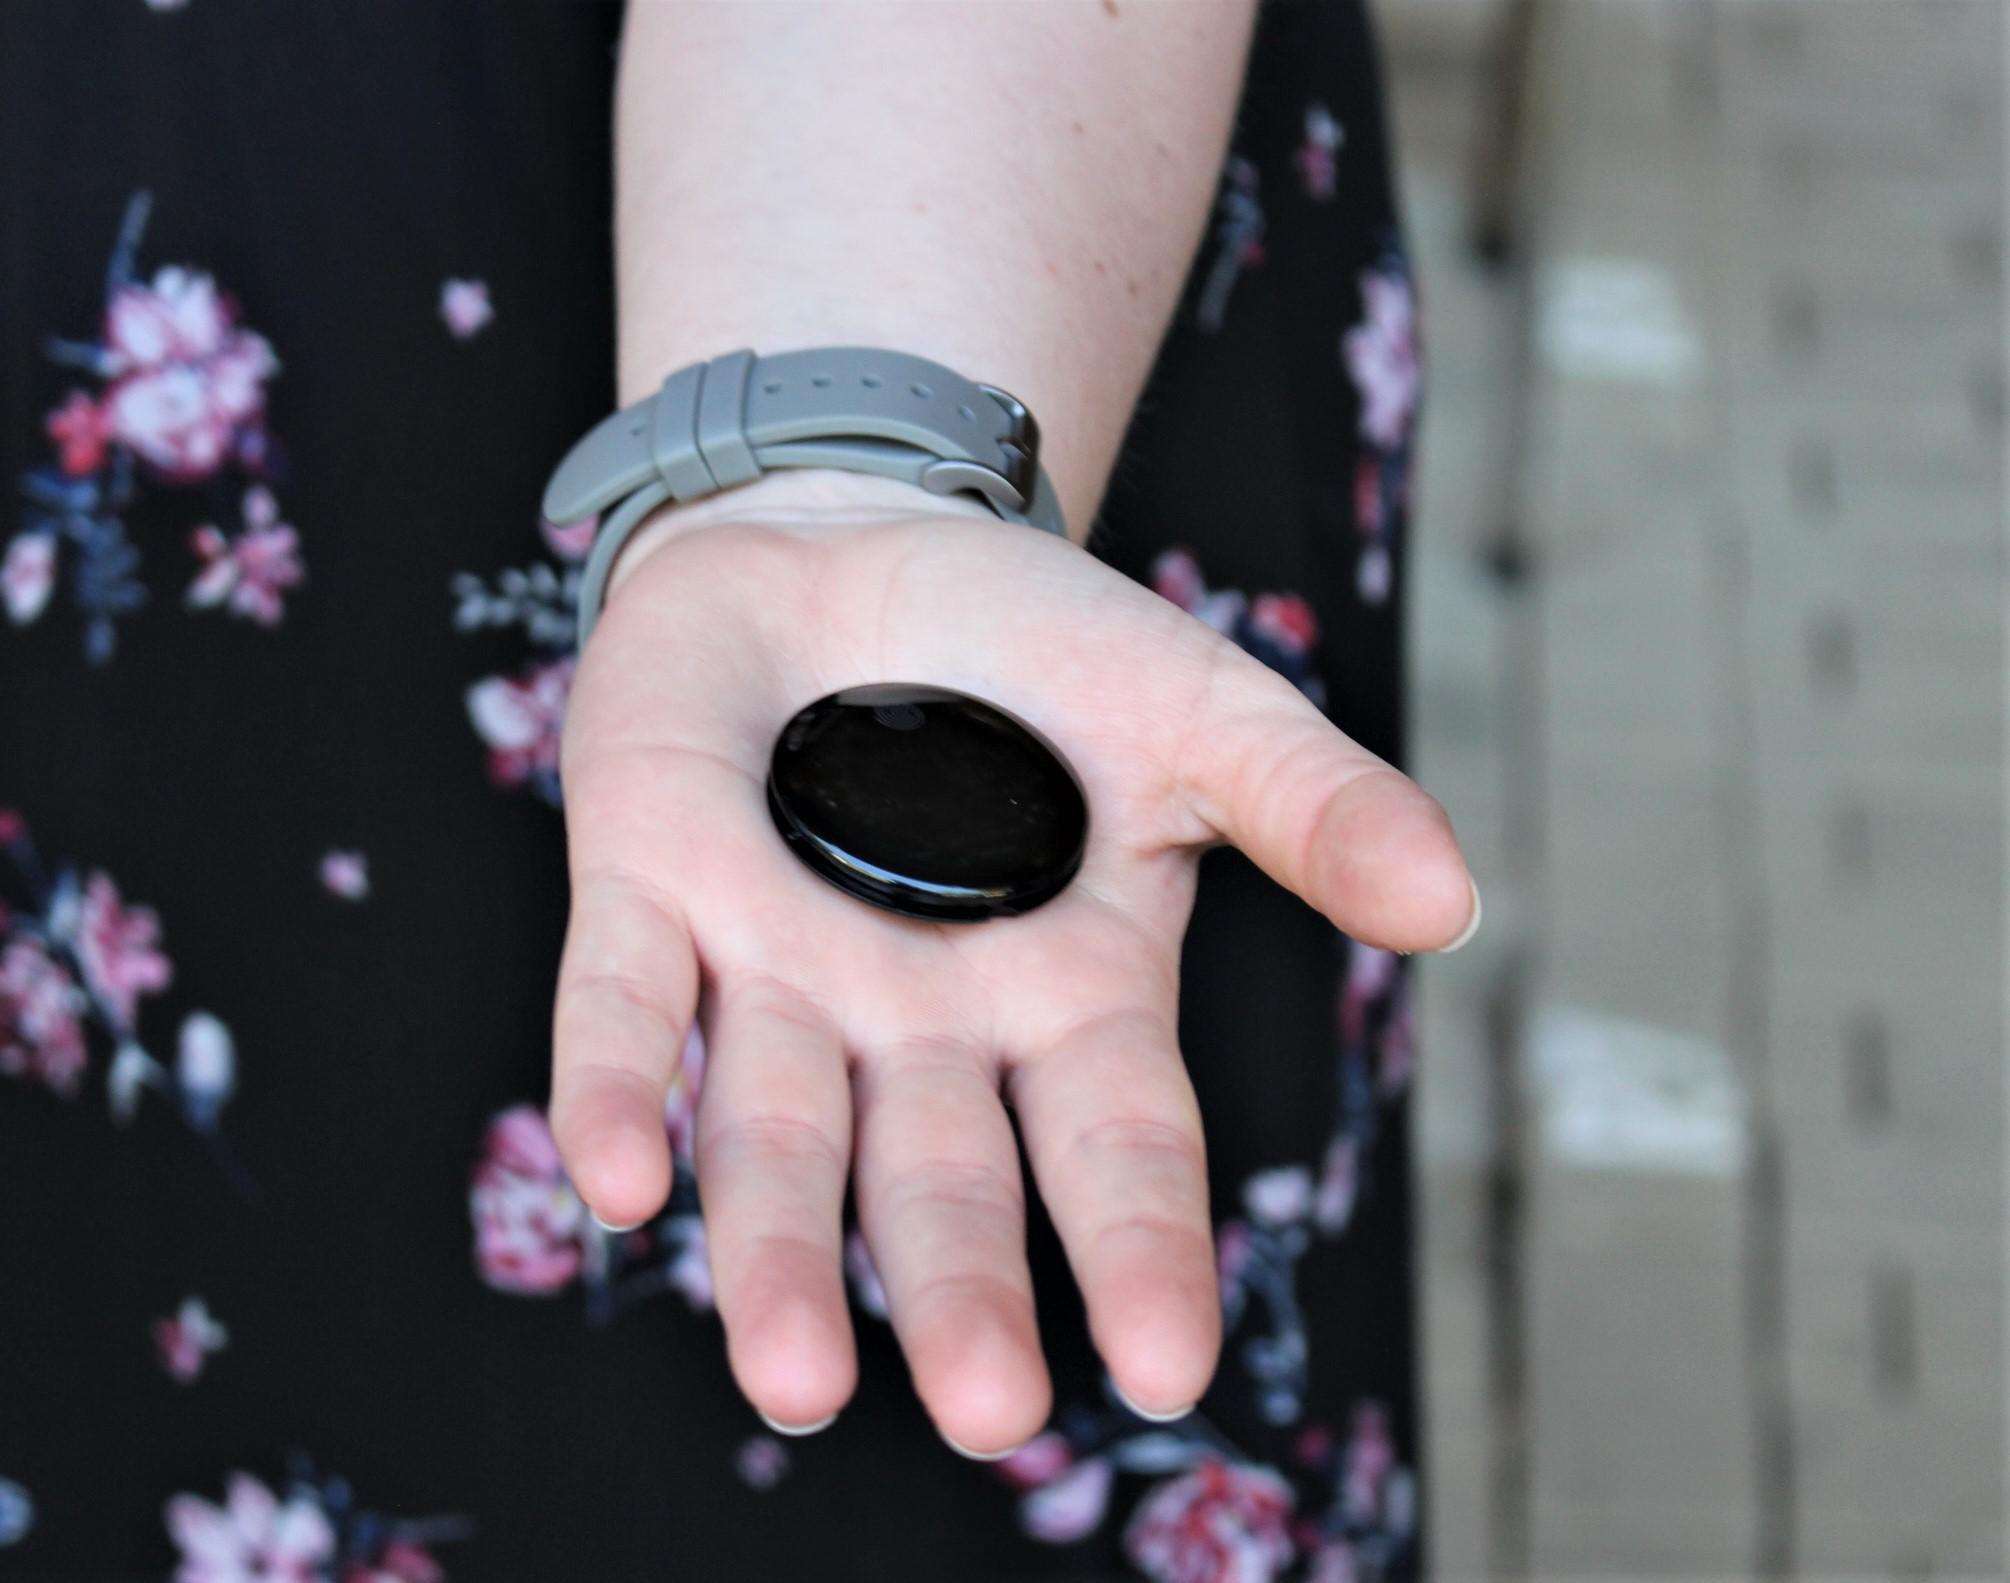 """Das """"indianische Amulett"""" bekommt noch ein buntes Band und wird von allen Besuchern getragen werden. Die erhobenen Daten sind wichtig für das Modellprojekt. Ohne dieses Prädikat wäre eine halbwegs normale Saison nicht möglich gewesen. (Foto: KARL MAY & Co./Kunz)"""